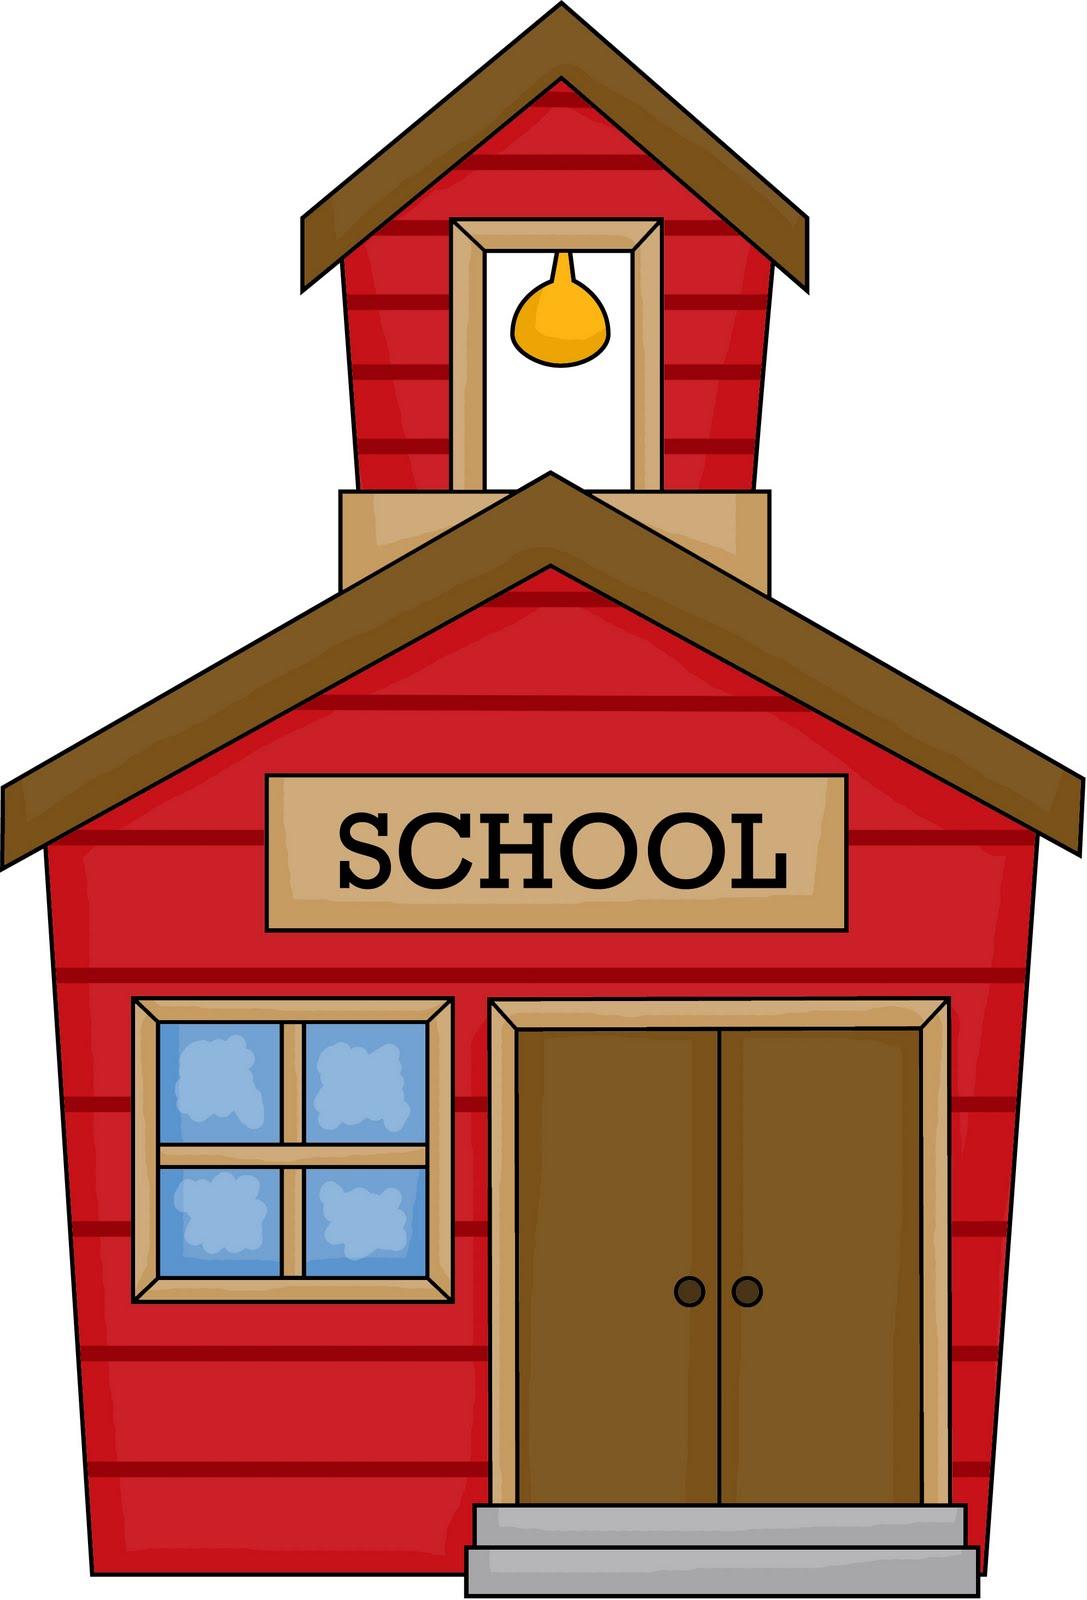 Hosue clipart kindergarten Which you  dream Interpretation